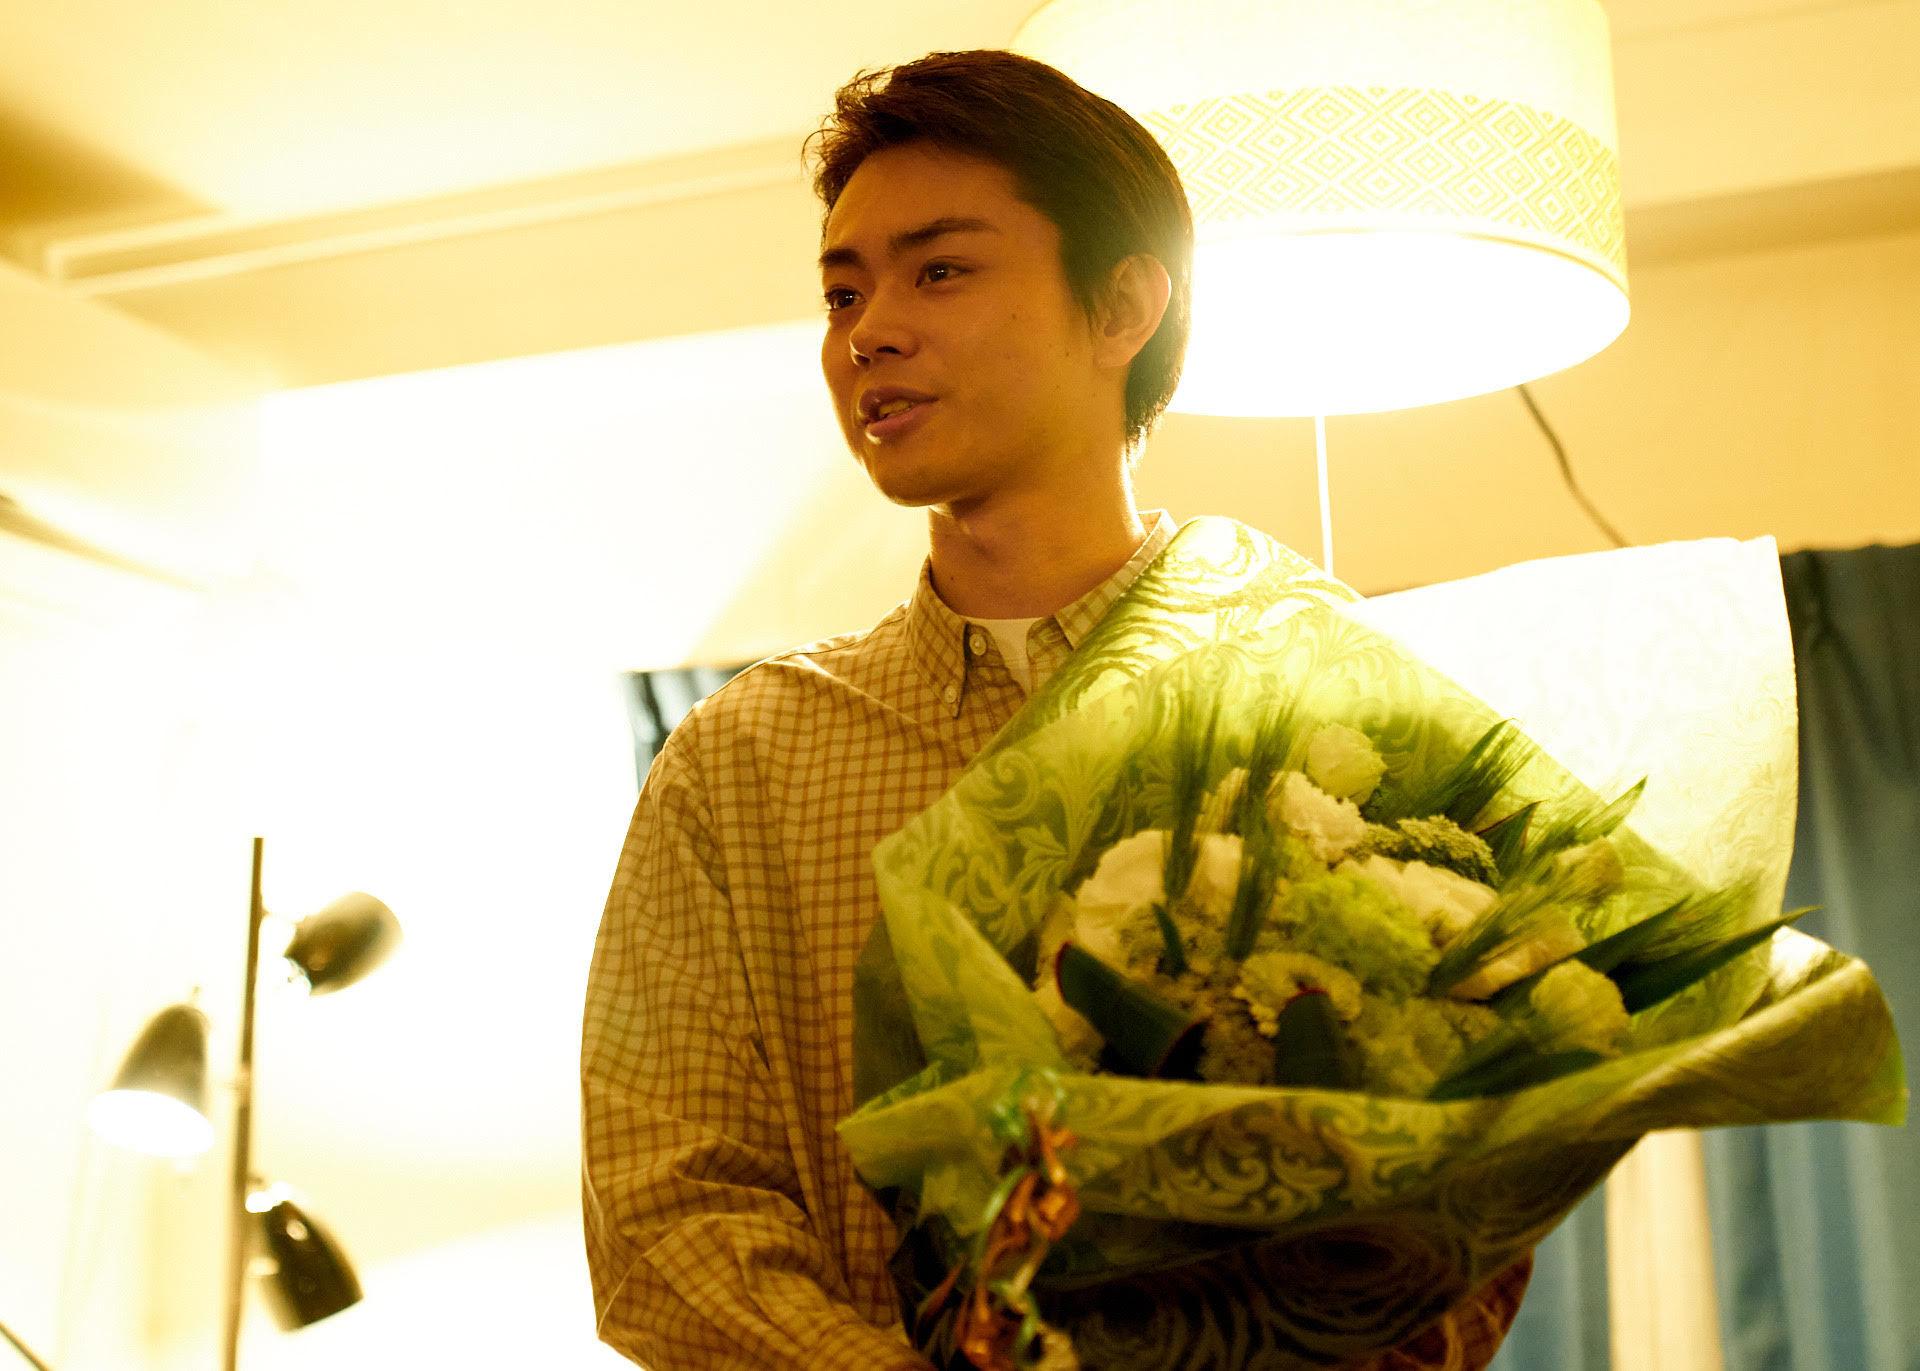 映画『花束みたいな恋をした』メイキング映像より 菅田将暉 (C)2021『花束みたいな恋をした』製作委員会